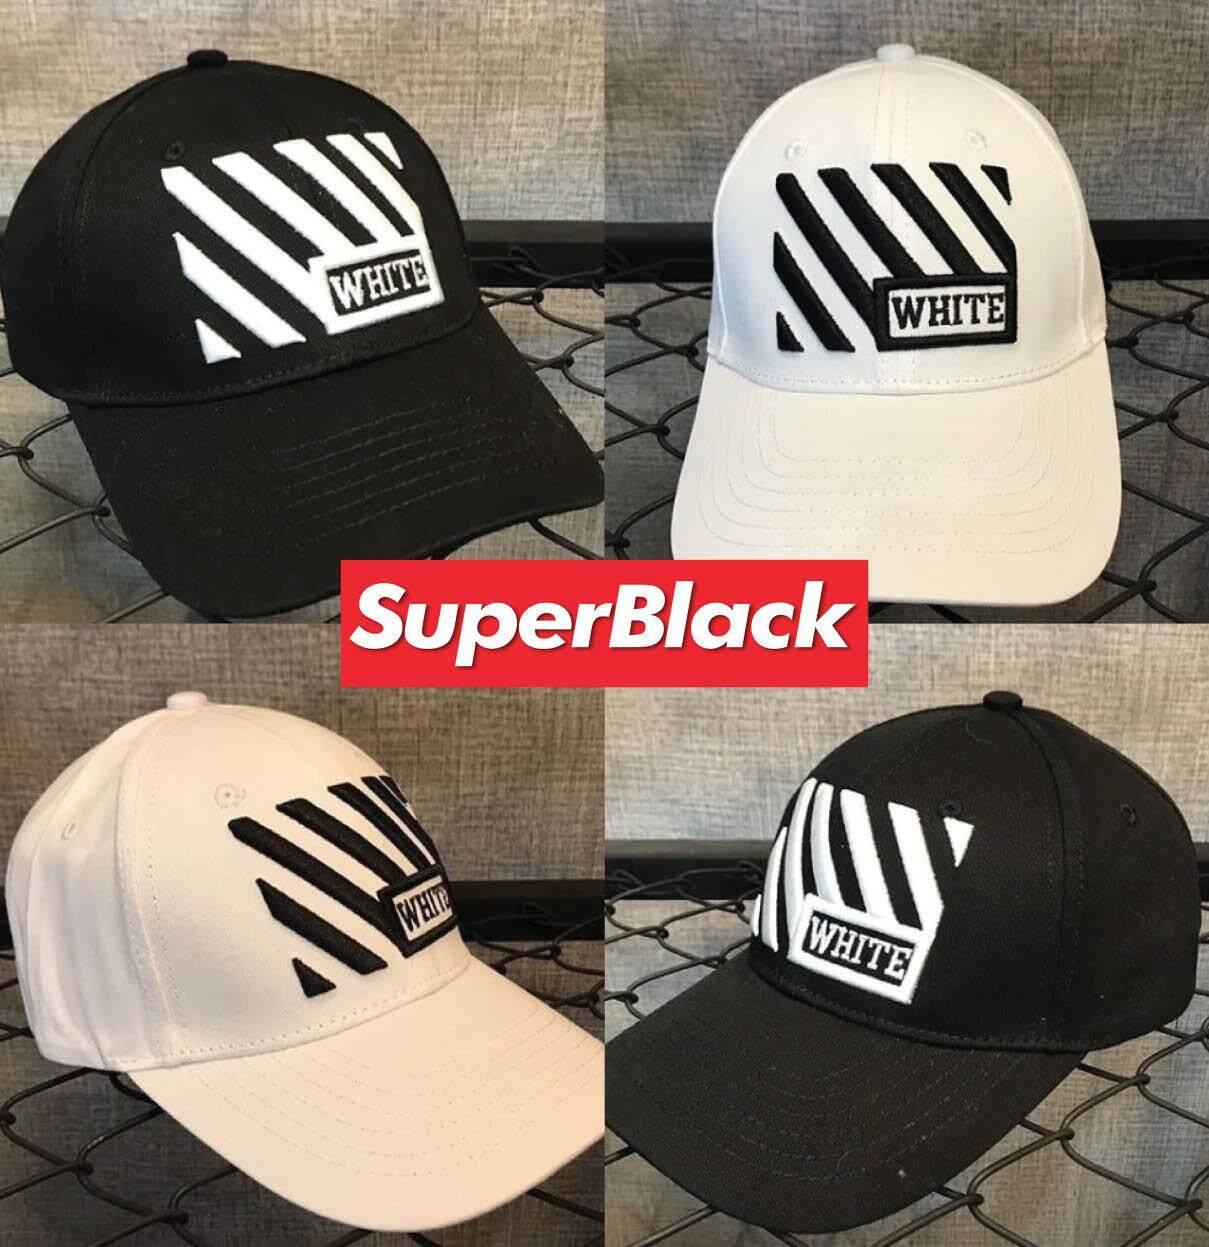 หมวกOff-White GAP ®️ (สีดำ/สีขาว) *จัดส่งจากก.ท.ม ส่งฟรีKerryเก็บเงินปลายได้*